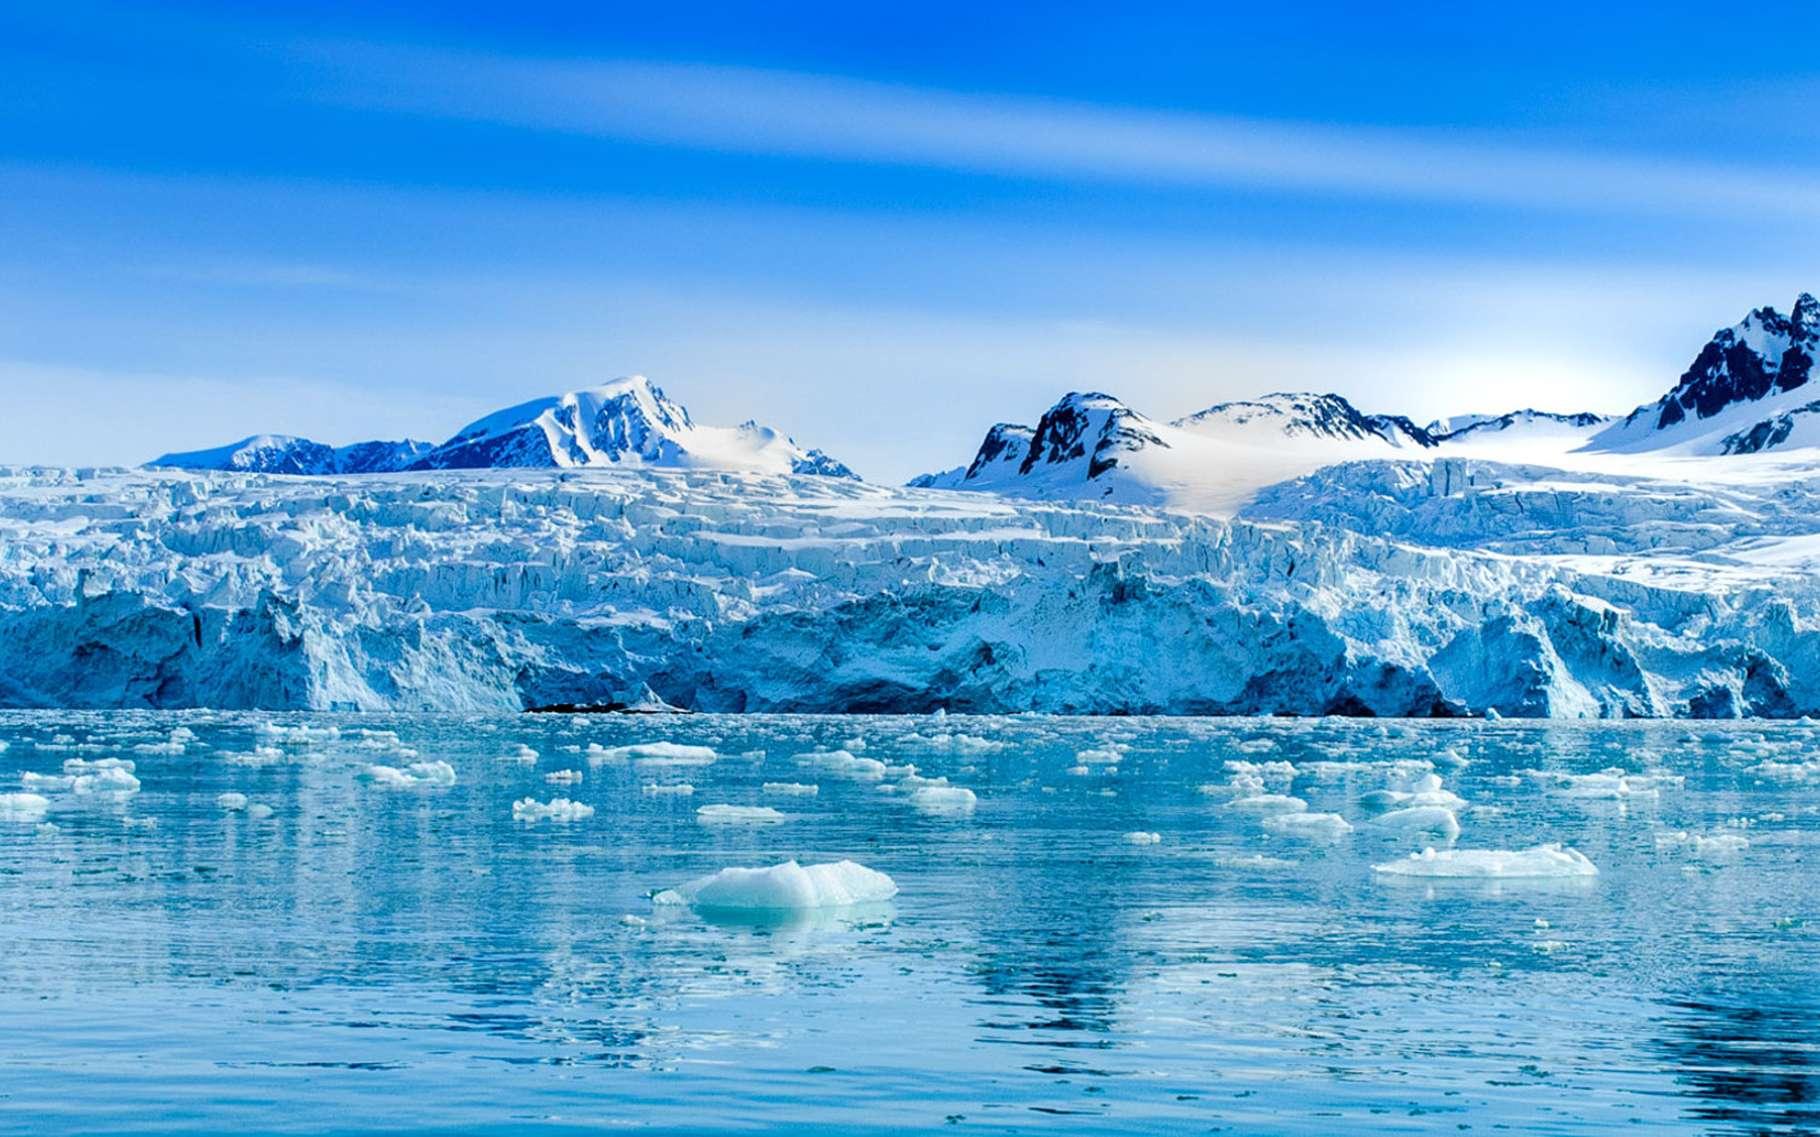 Il y a eau et eau : les proportions d'isotopes de l'oxygène et de l'hydrogène dans les molécules renseignent sur les conditions de formation de la neige, de la glace et même de la mousson. © DR